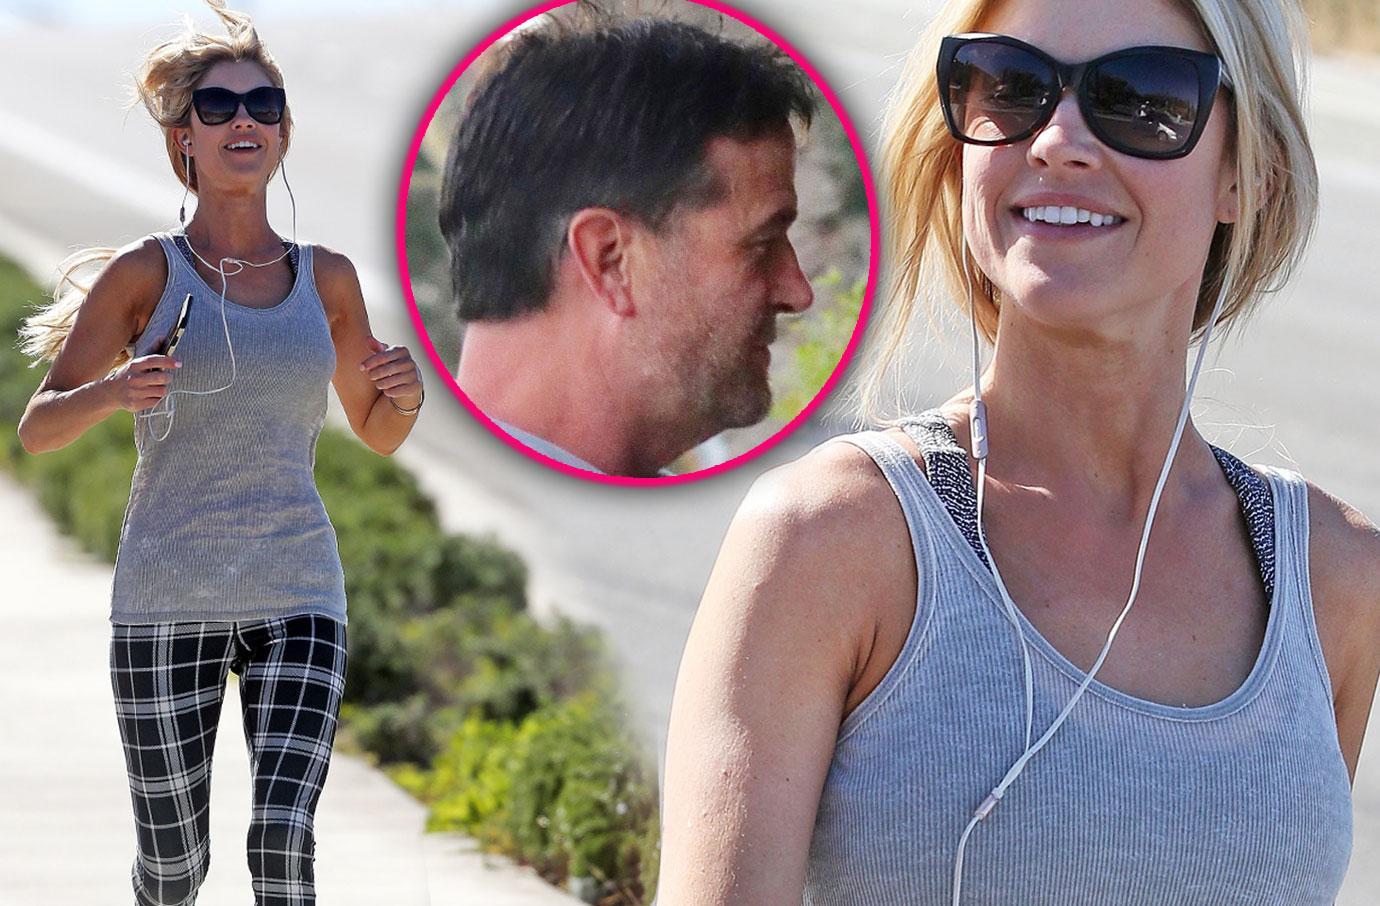 tarek el moussa divorce christina el moussa new boyfriend jogging pics